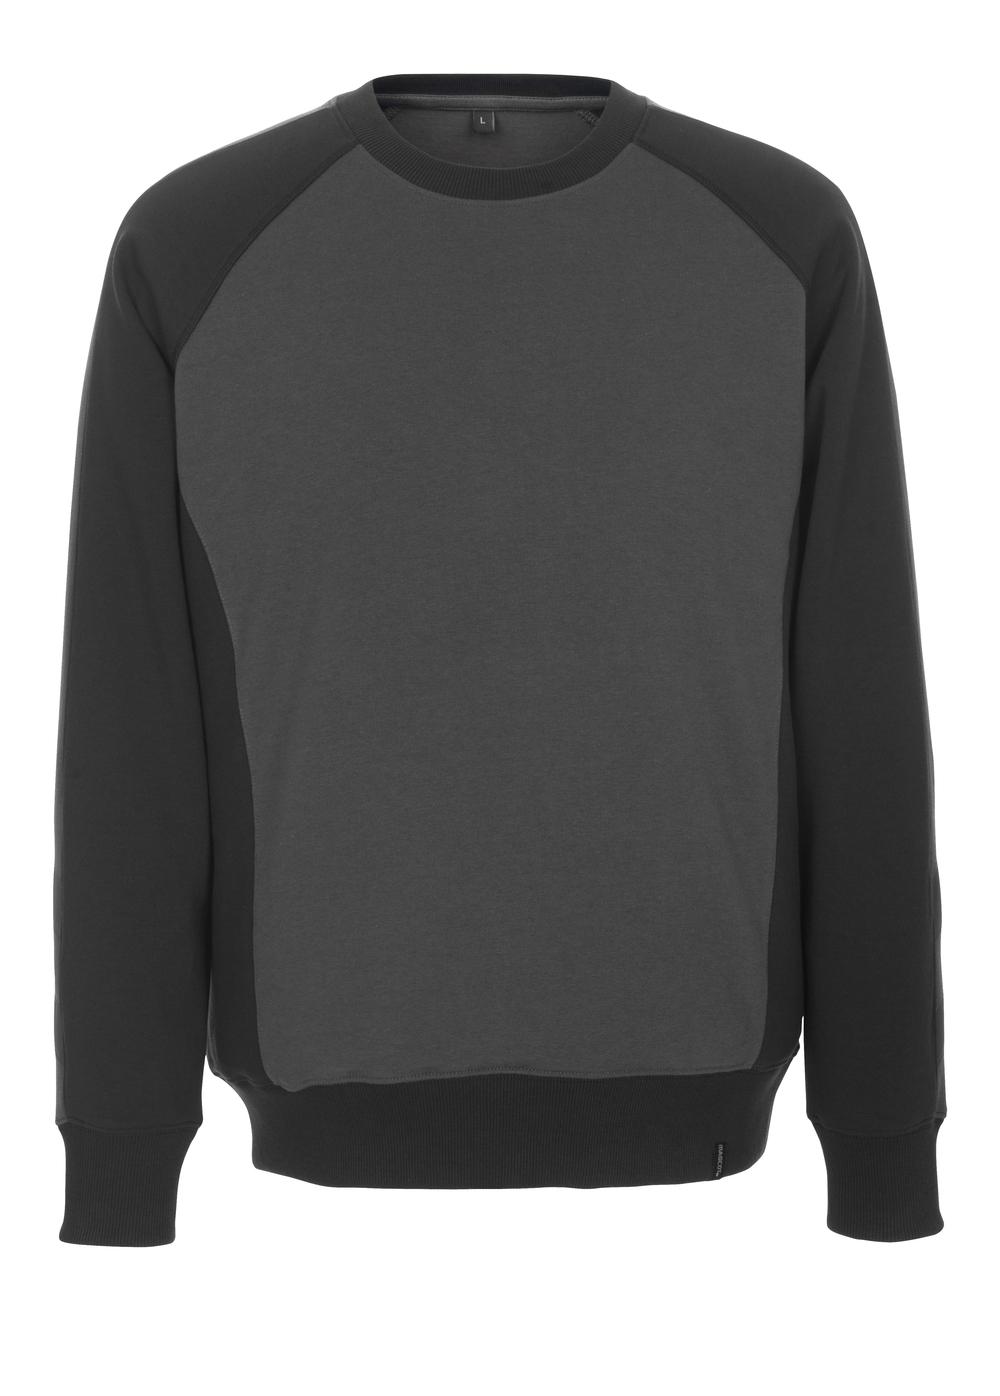 50503-830-1809 Sweatshirt - Anthracite foncé/Noir